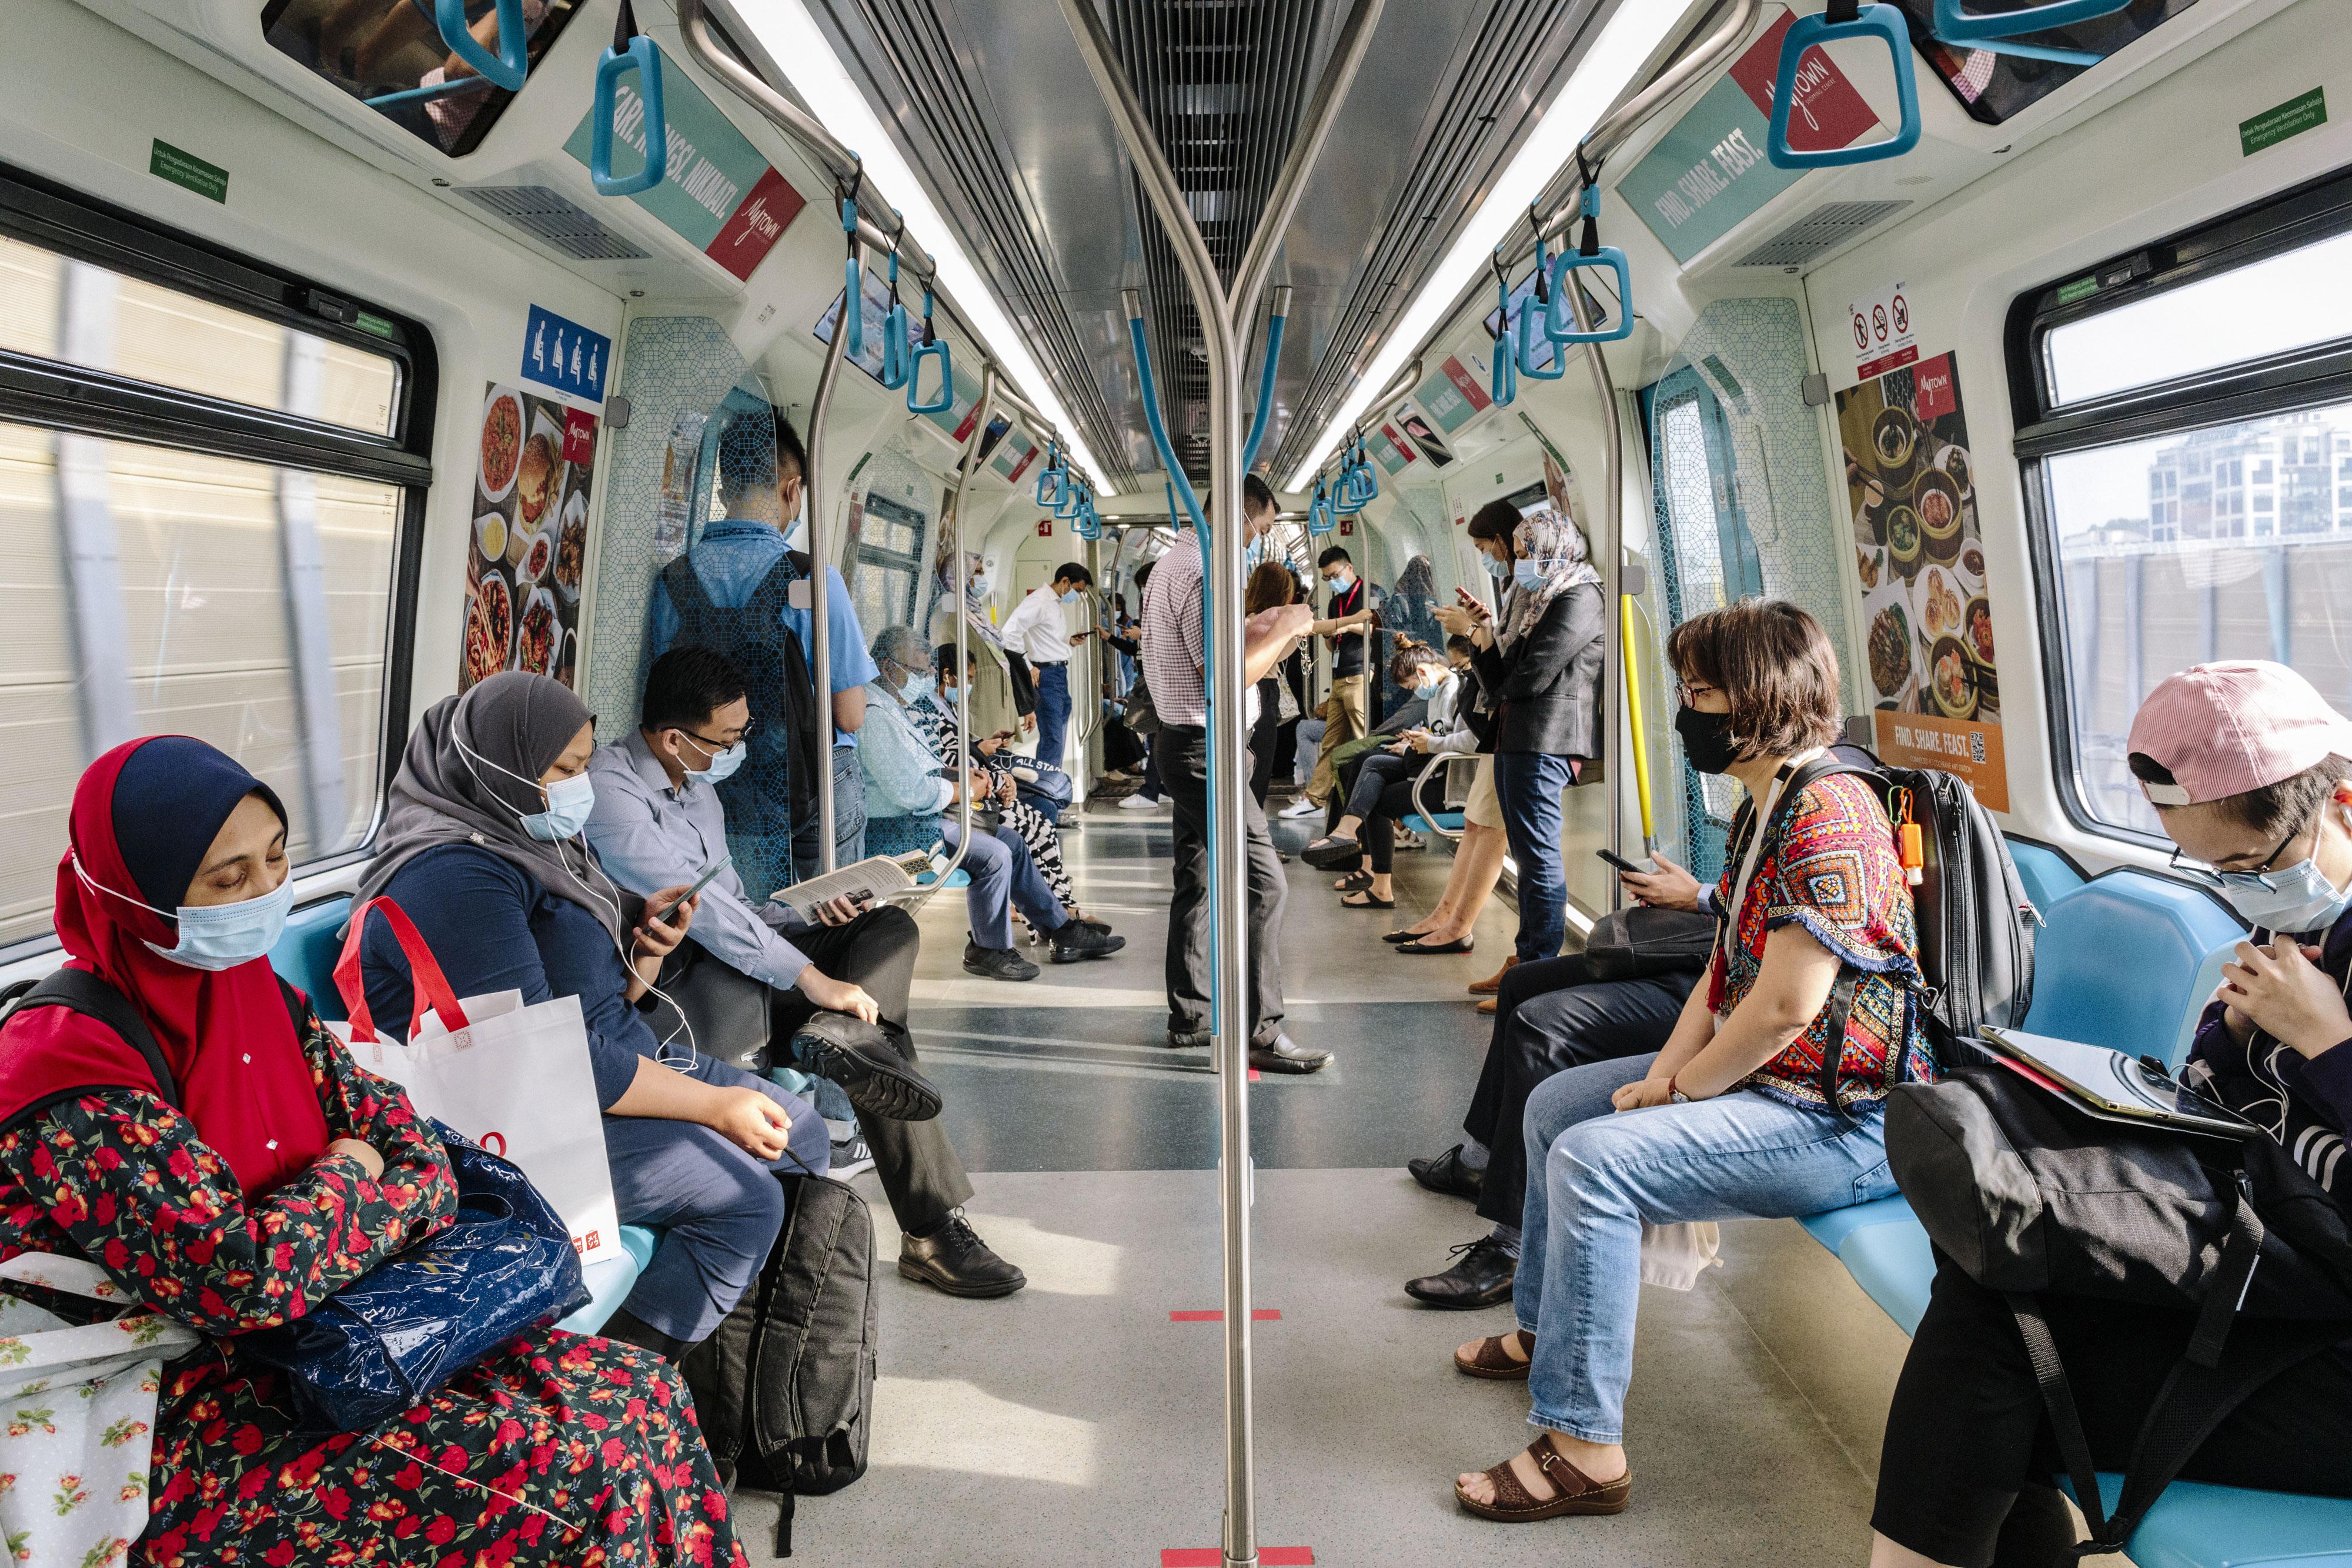 People ride a train in Kuala Lumpur, Malaysia, on September 28.